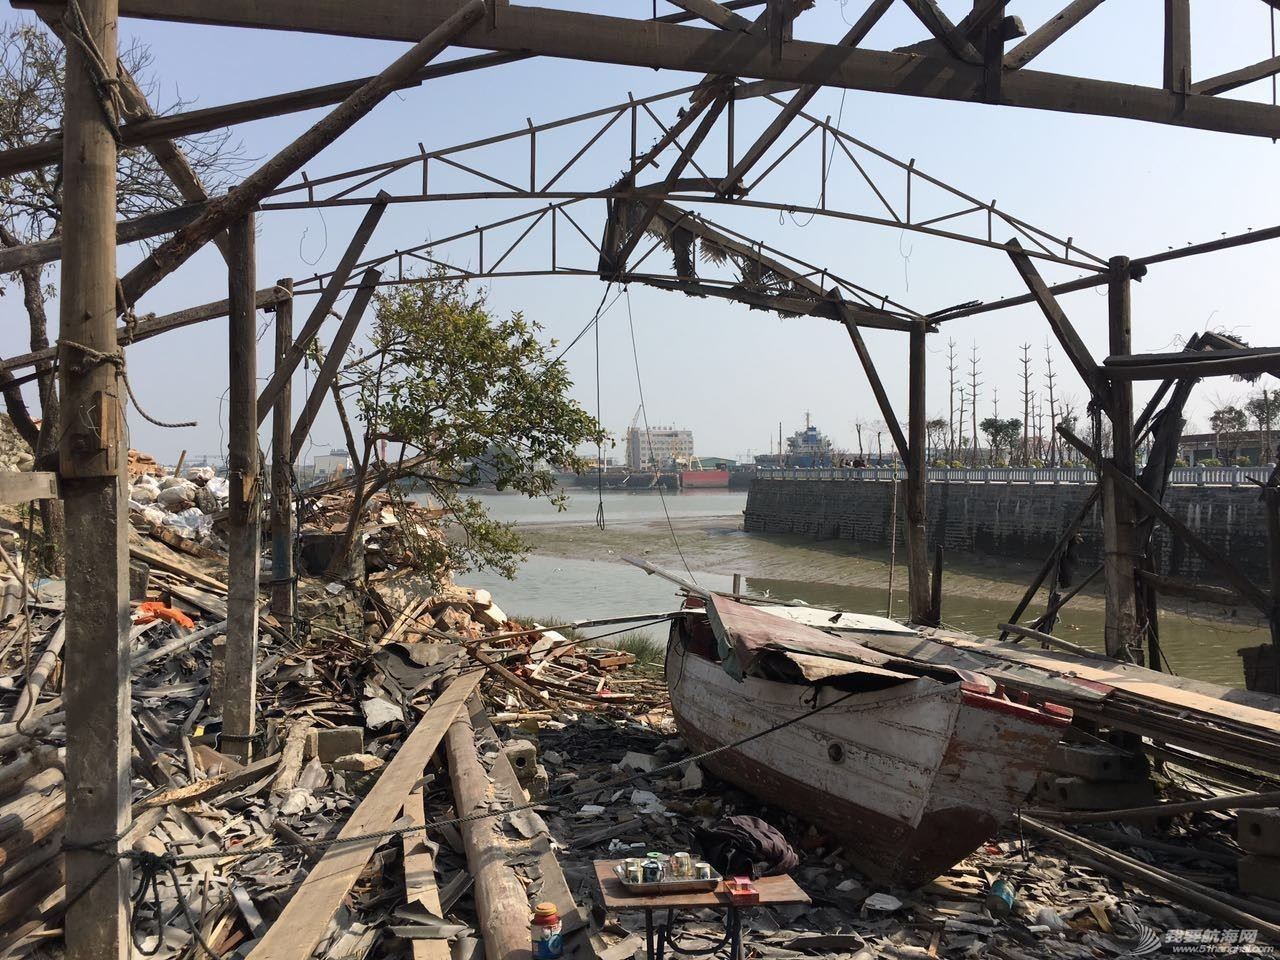 海澄:百年船厂能够重生 56ccefd7047d071bee4230e901879a48.jpg